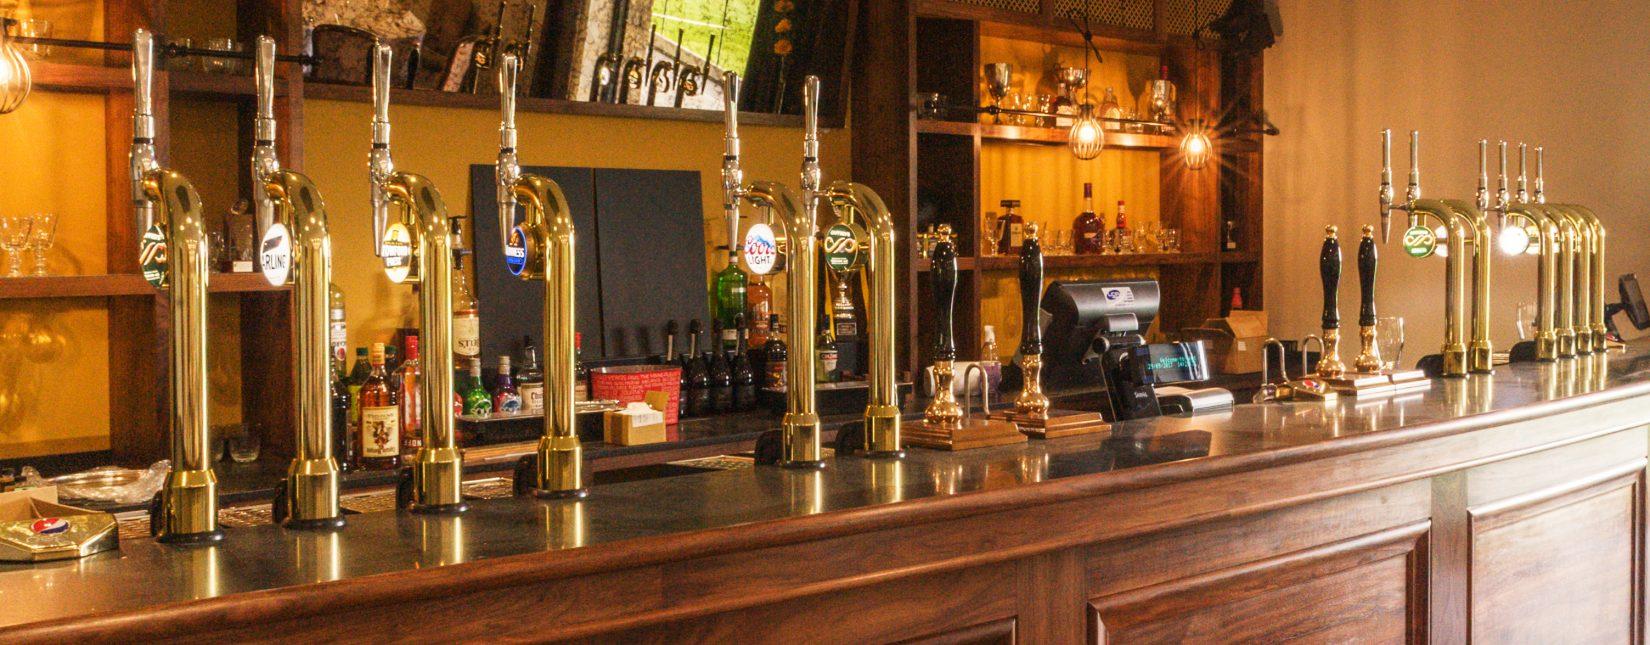 Restaurants Kendal Town